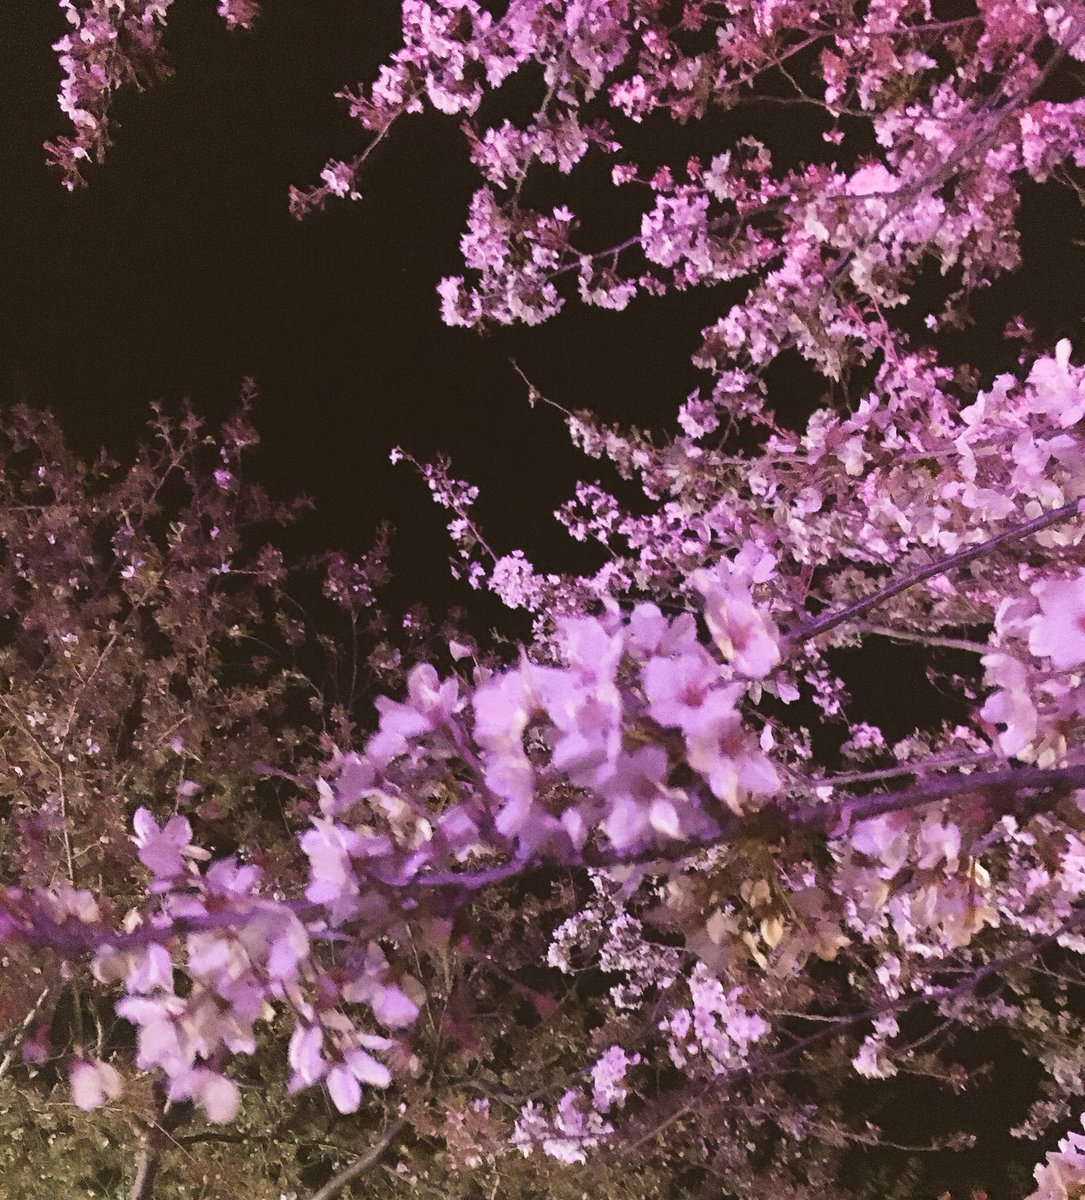 夜桜綺麗だったよ???? https://t.co/4pw4aVThQL